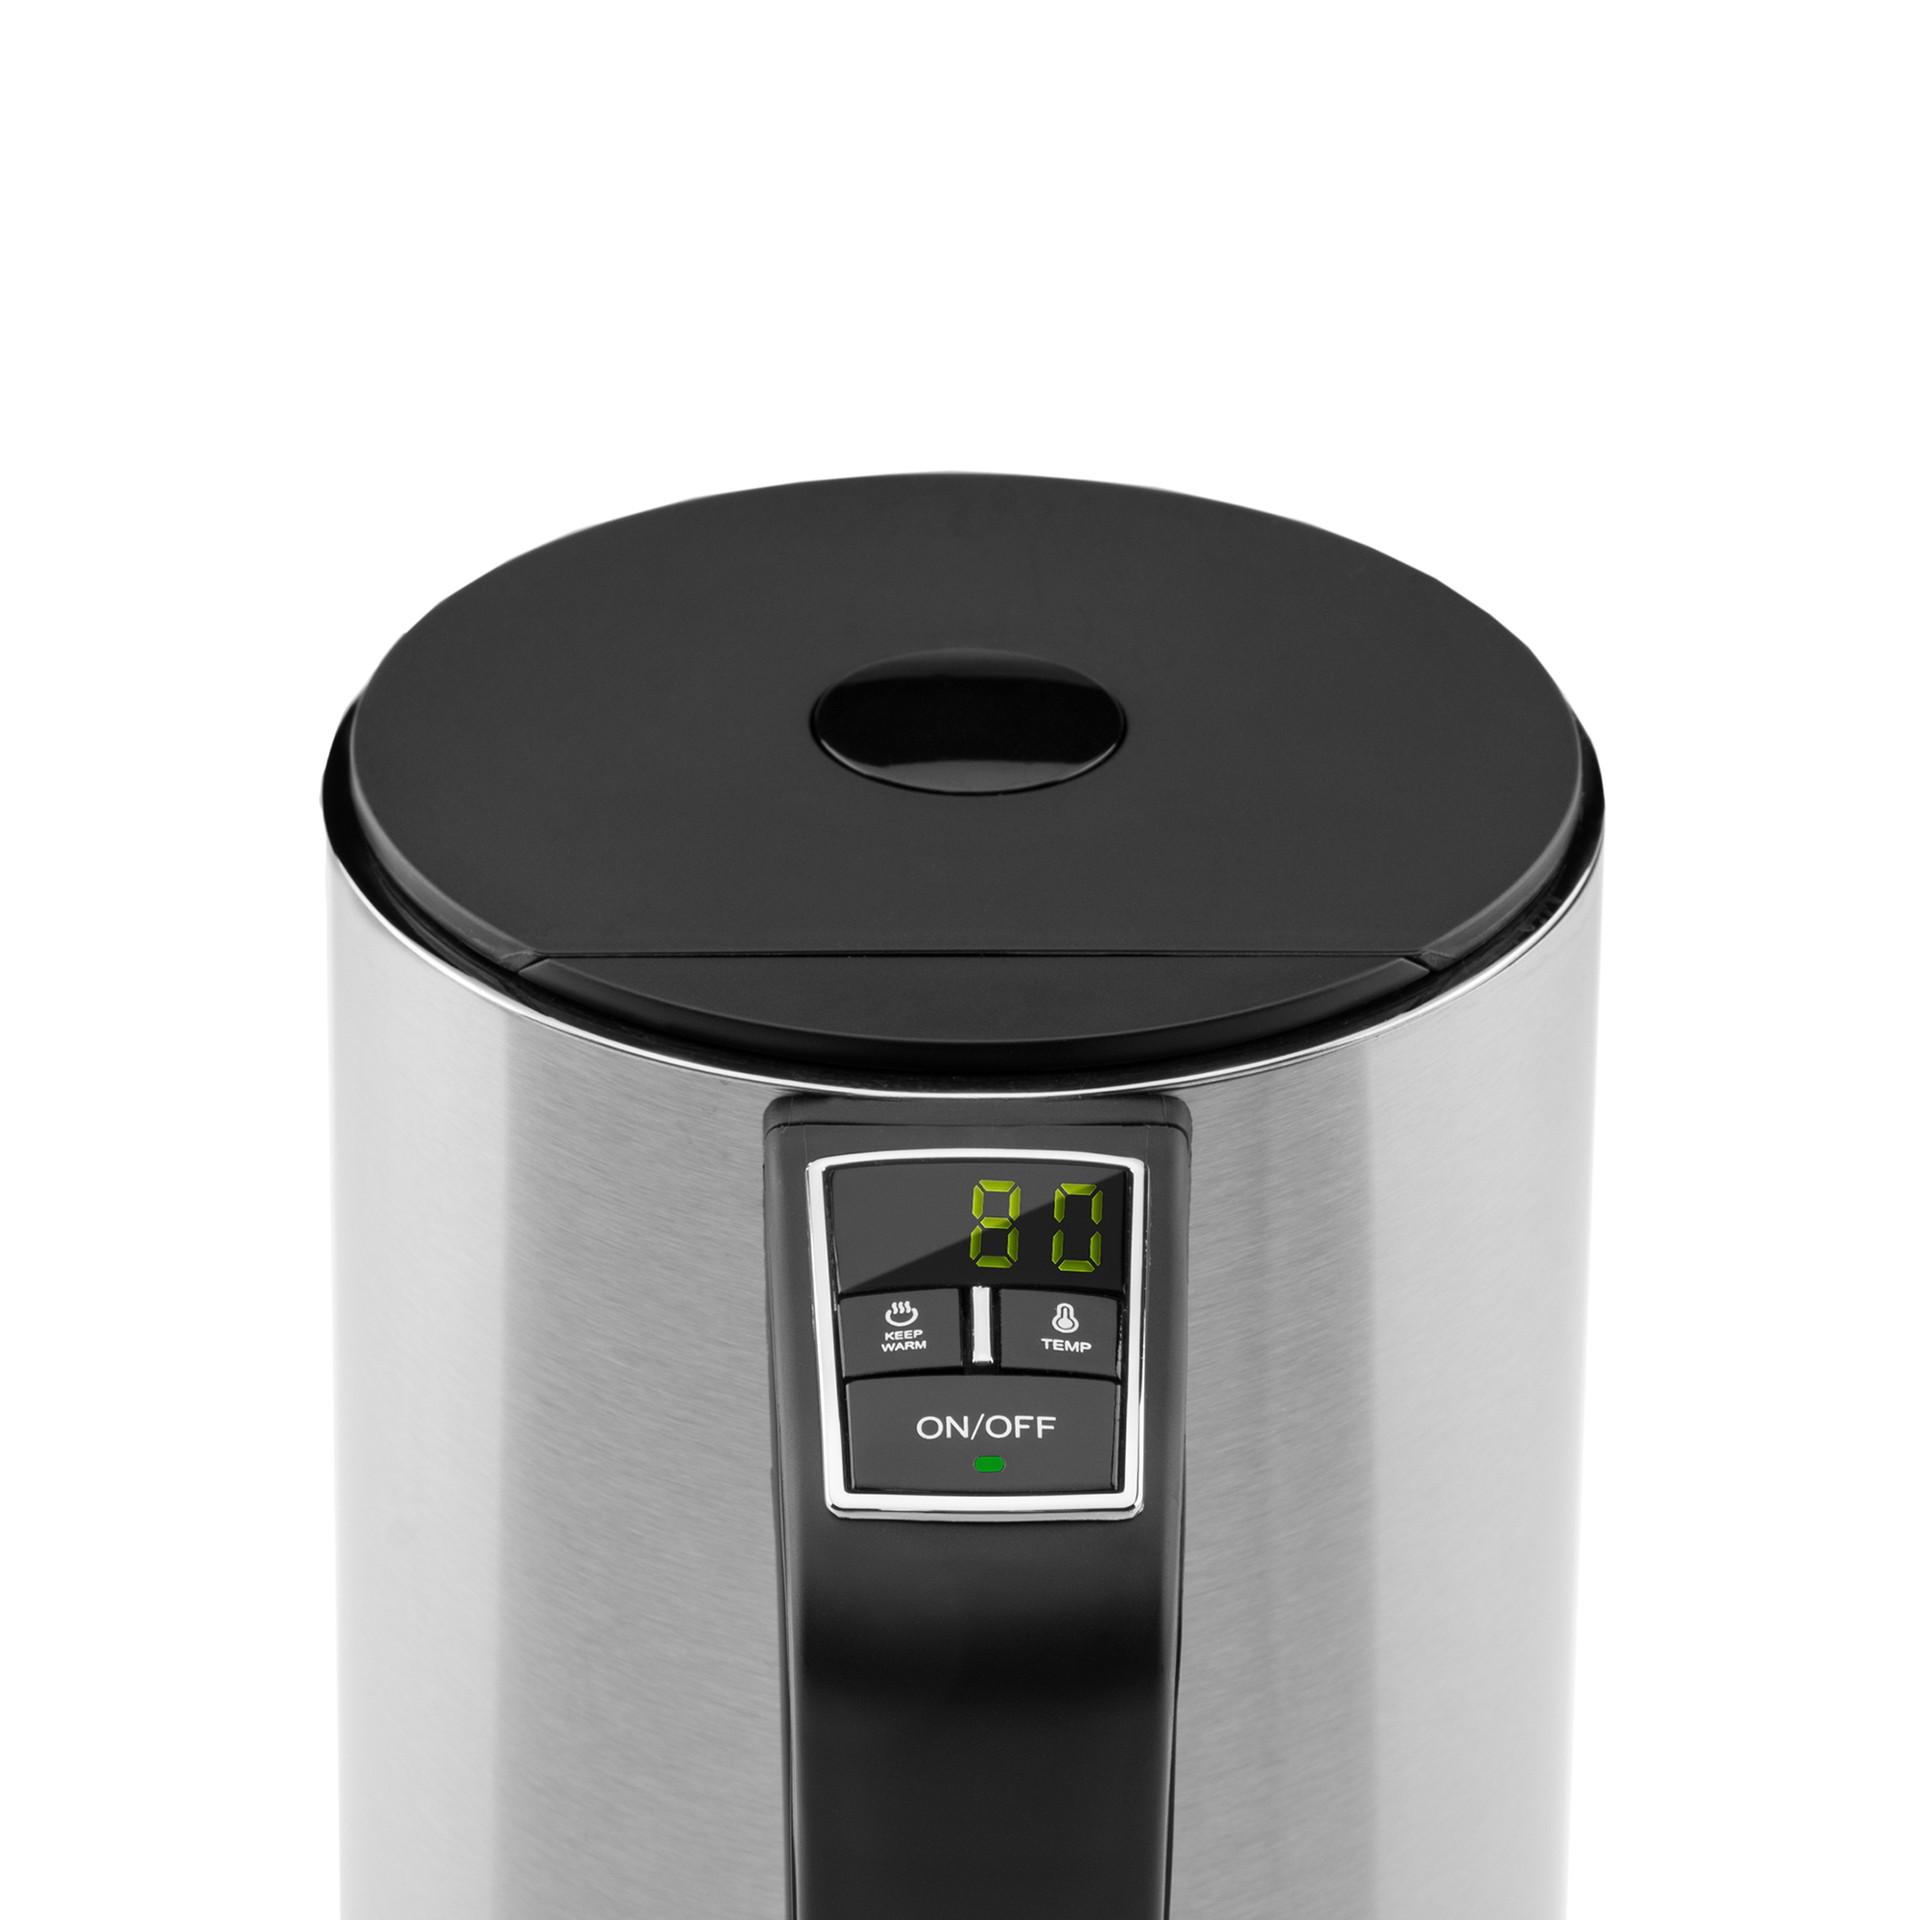 Rychlovarná konvice s obsahem 1,5 litru Gastroback 42436